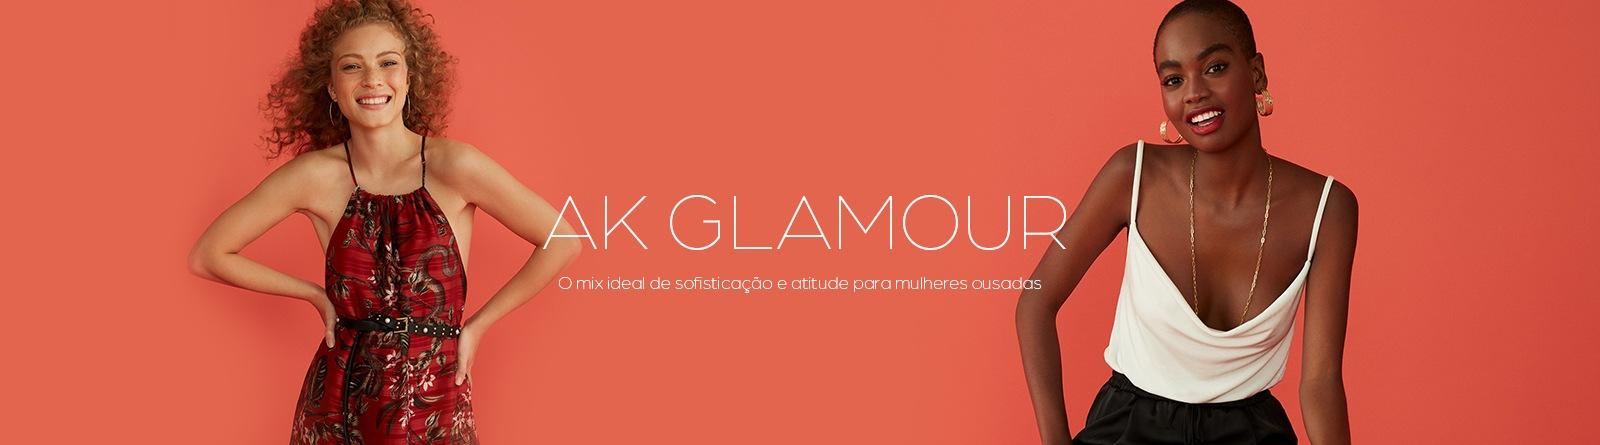 AK GLAMOUR - O mix ideal de sofisticação e atitude para mulheres ousadas